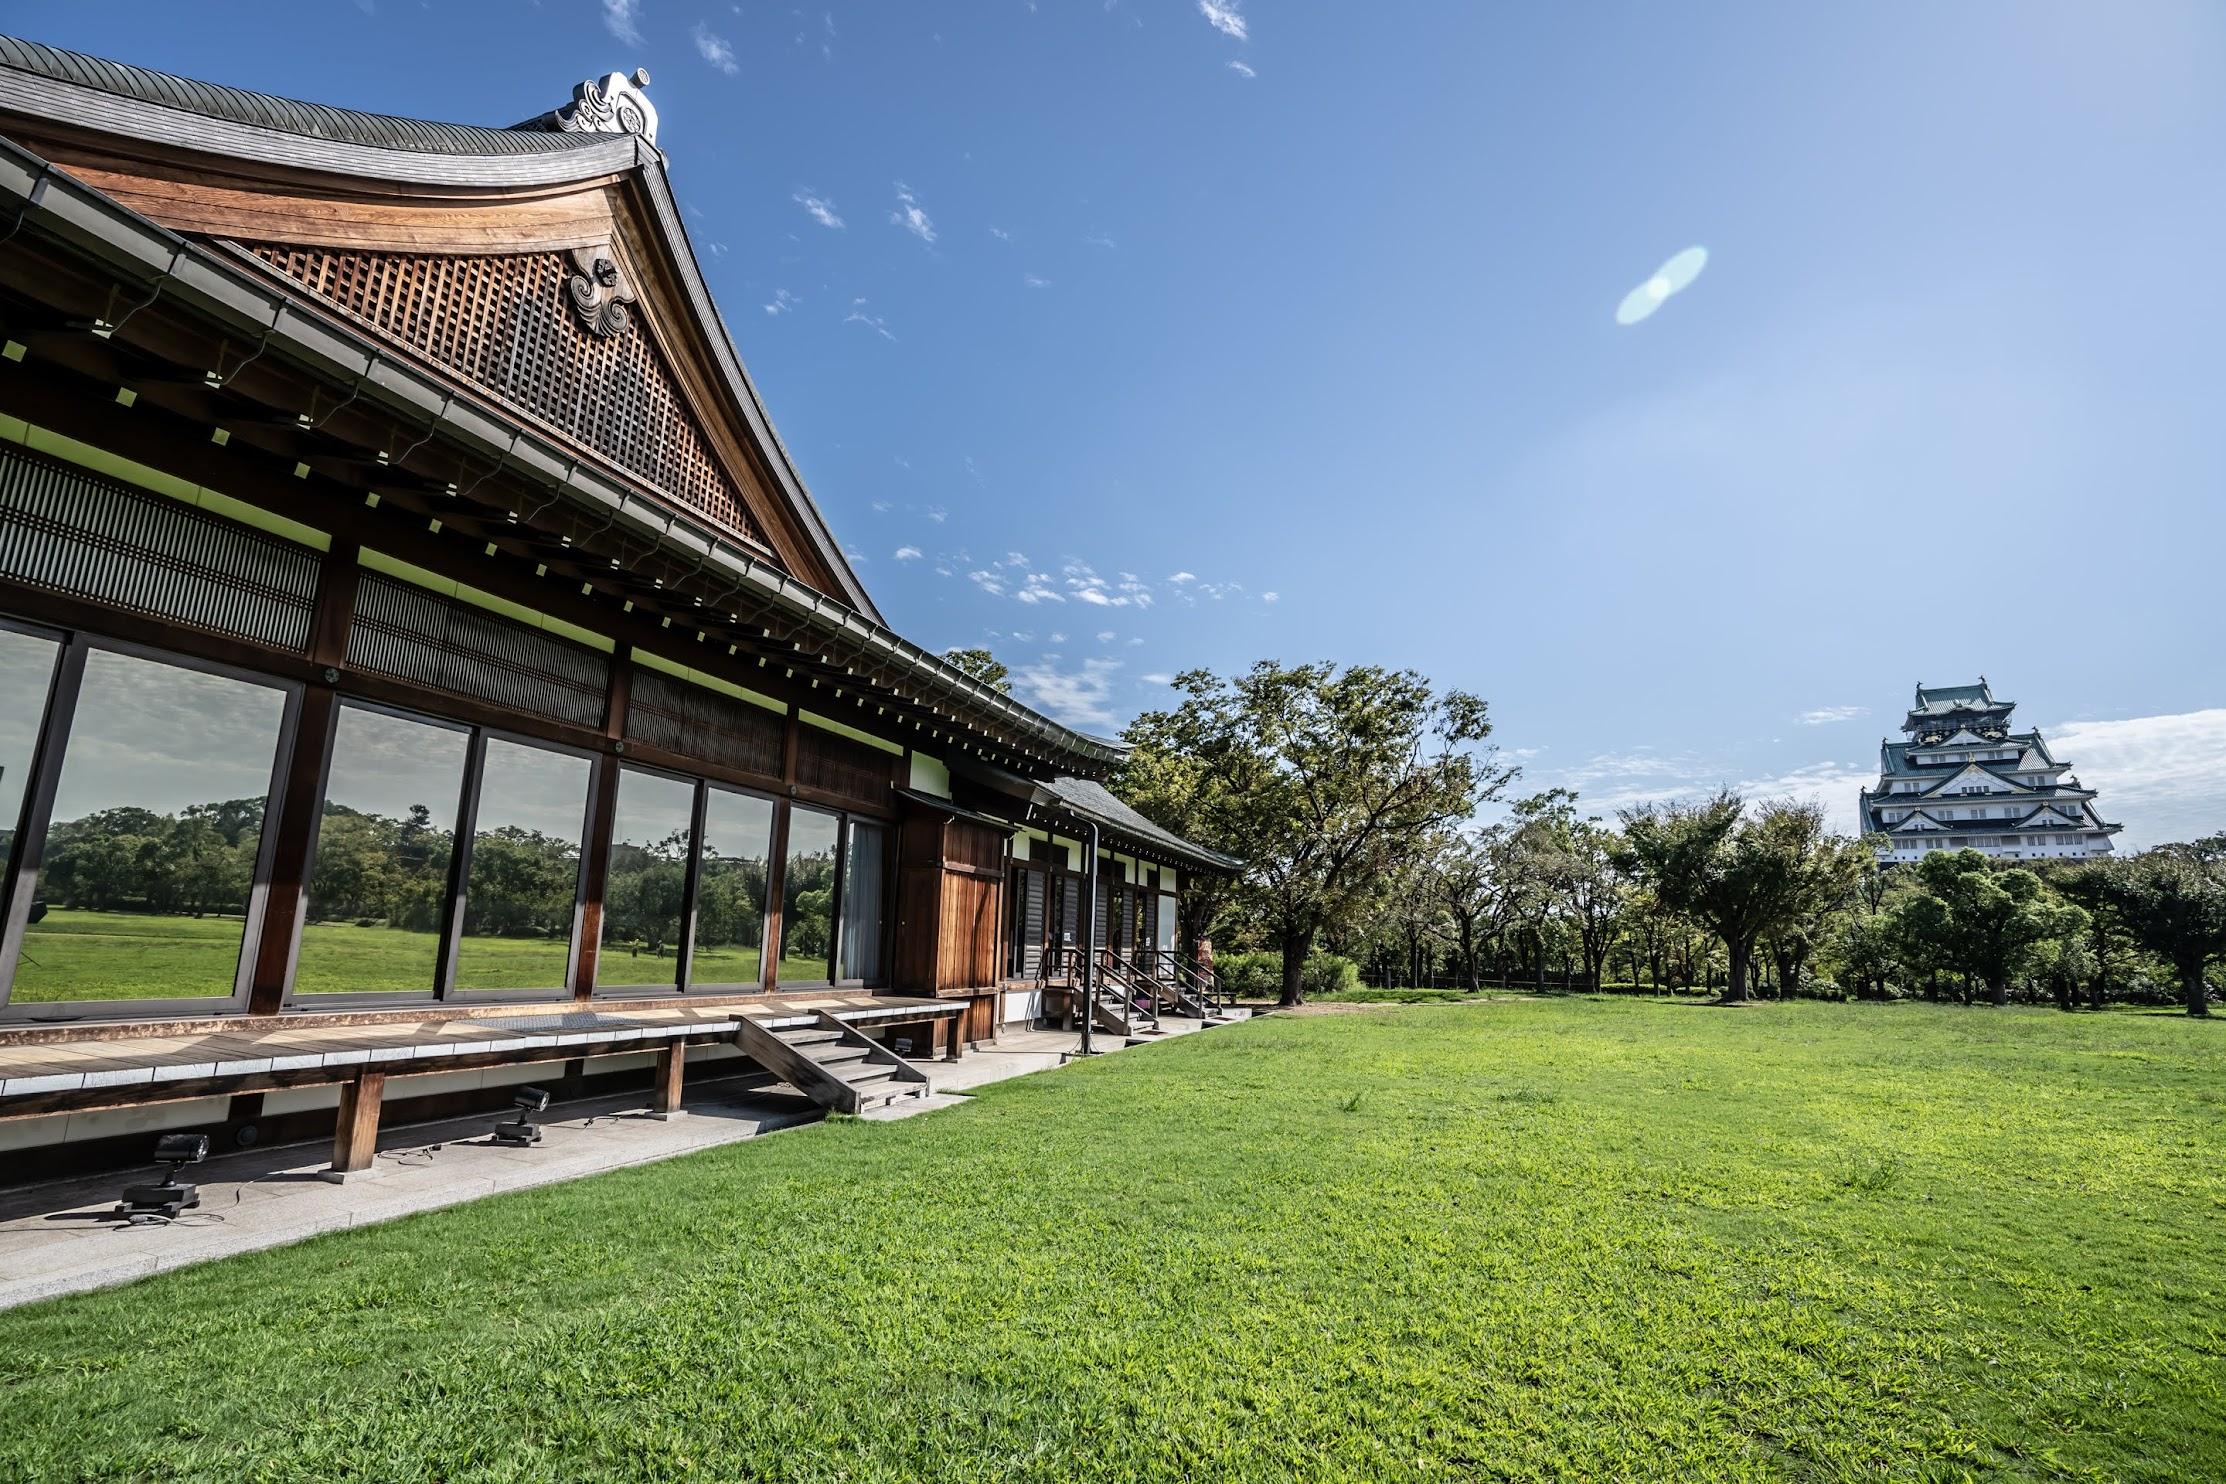 大阪城公園 西の丸庭園 大阪迎賓館1